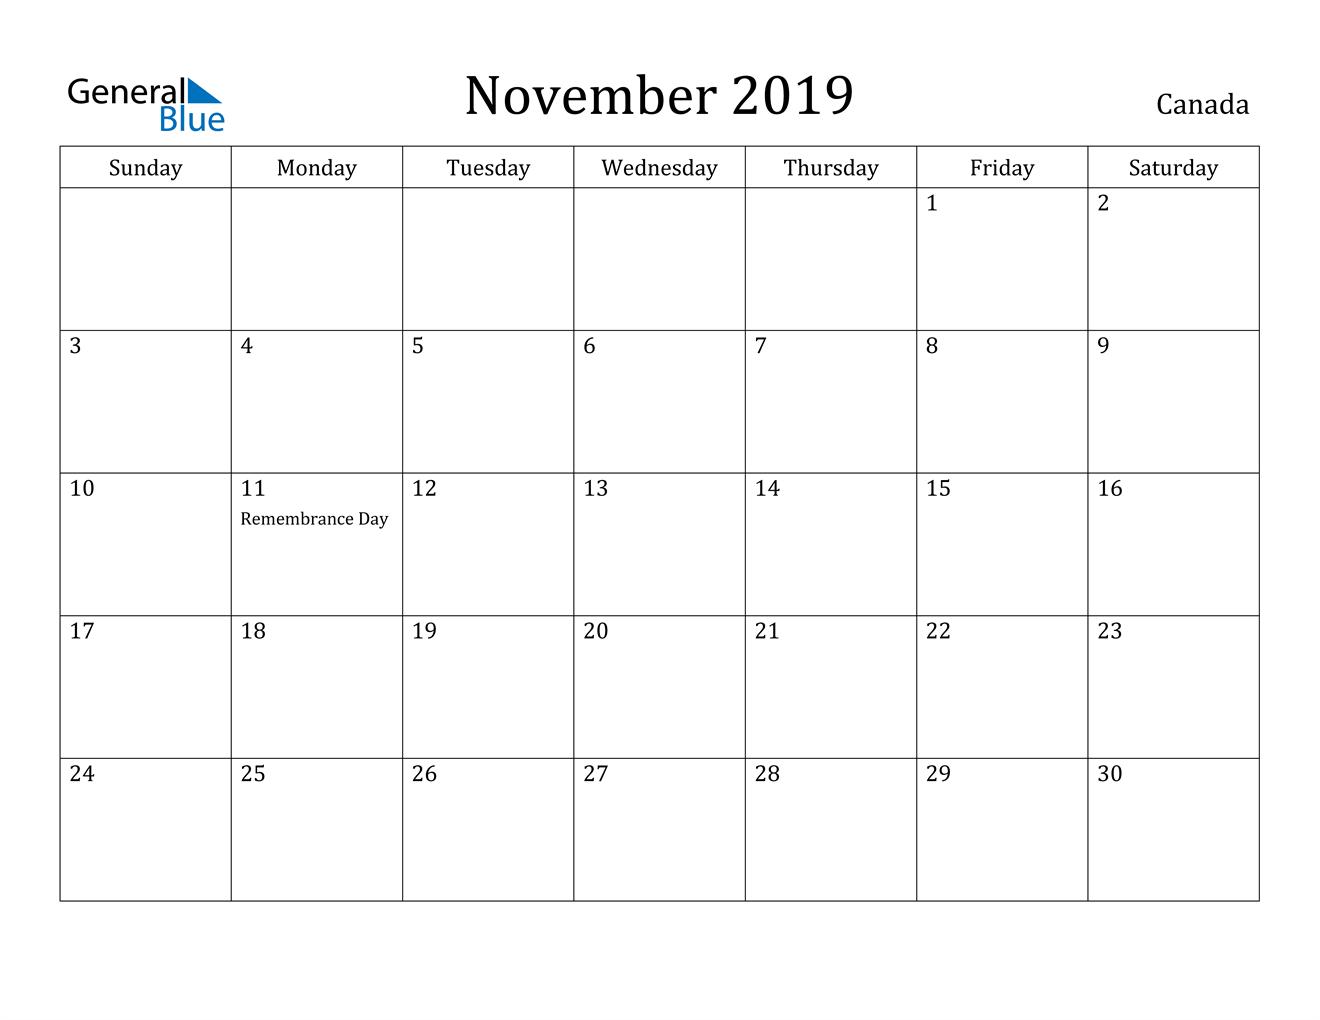 Image of November 2019 Canada Calendar with Holidays Calendar